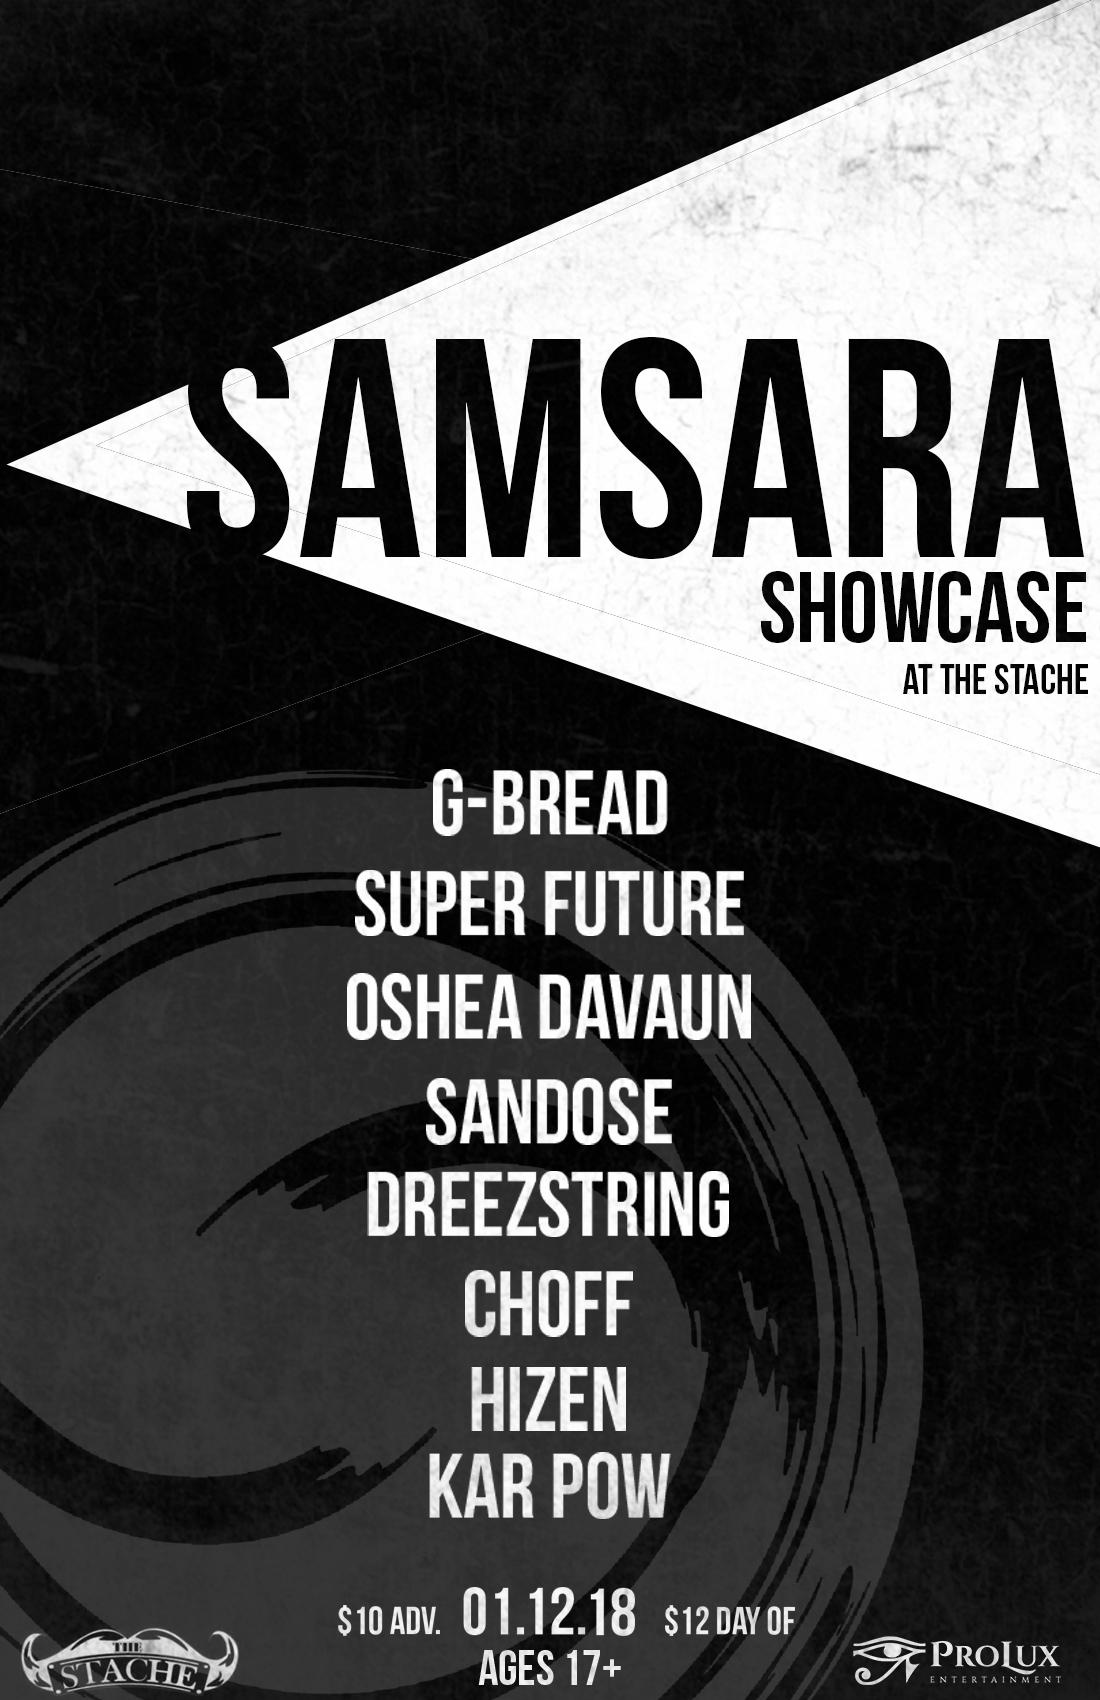 samsara showcase2.jpg